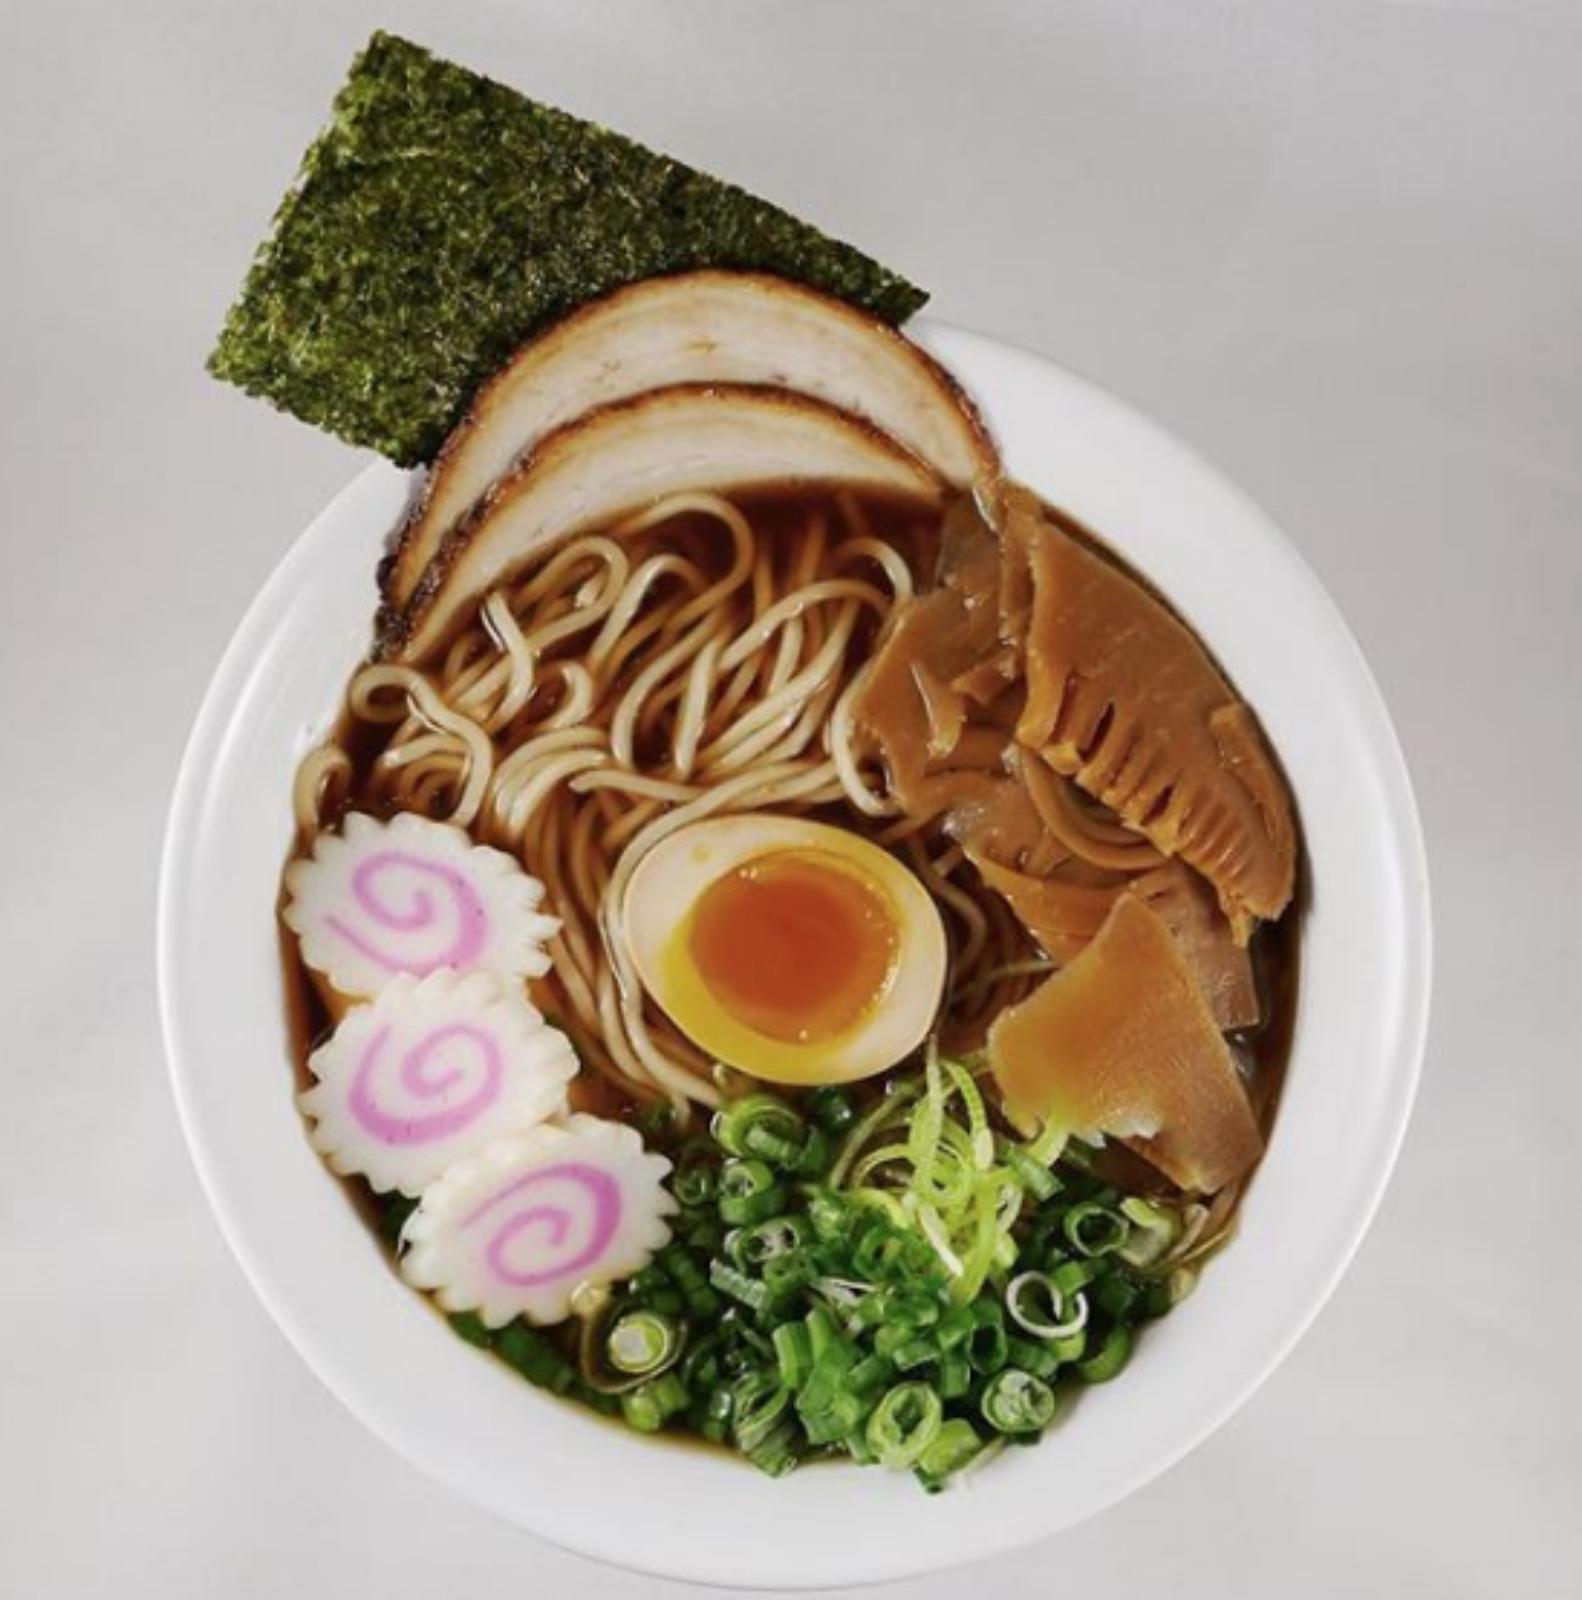 Shokudo, a new concept from Fukuryu Ramen